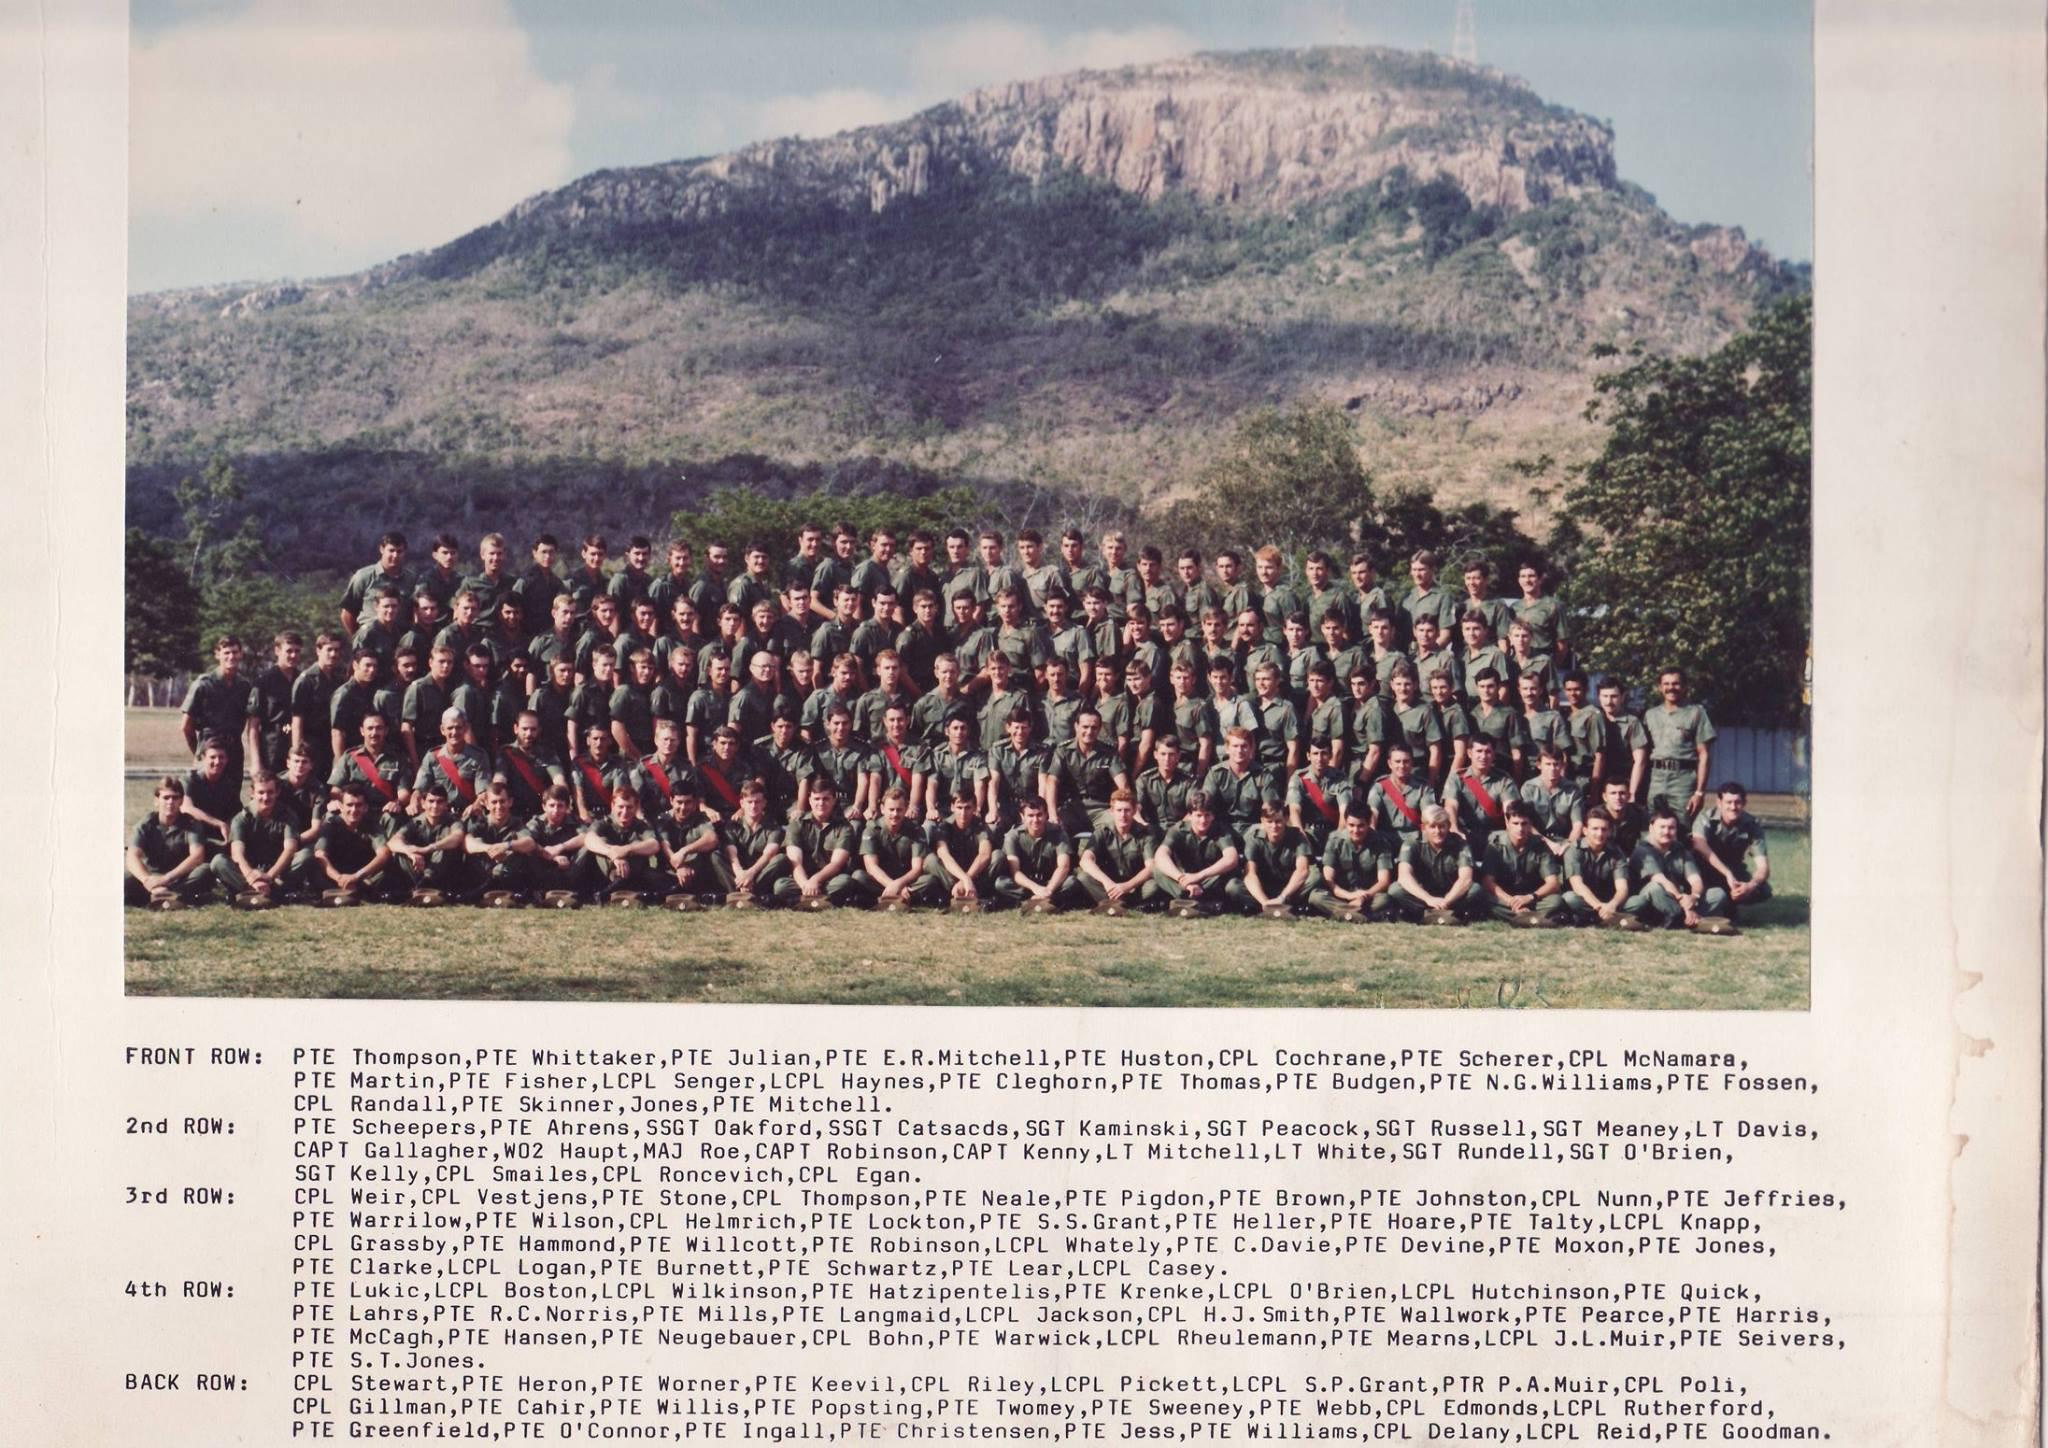 Spt Coy 1981